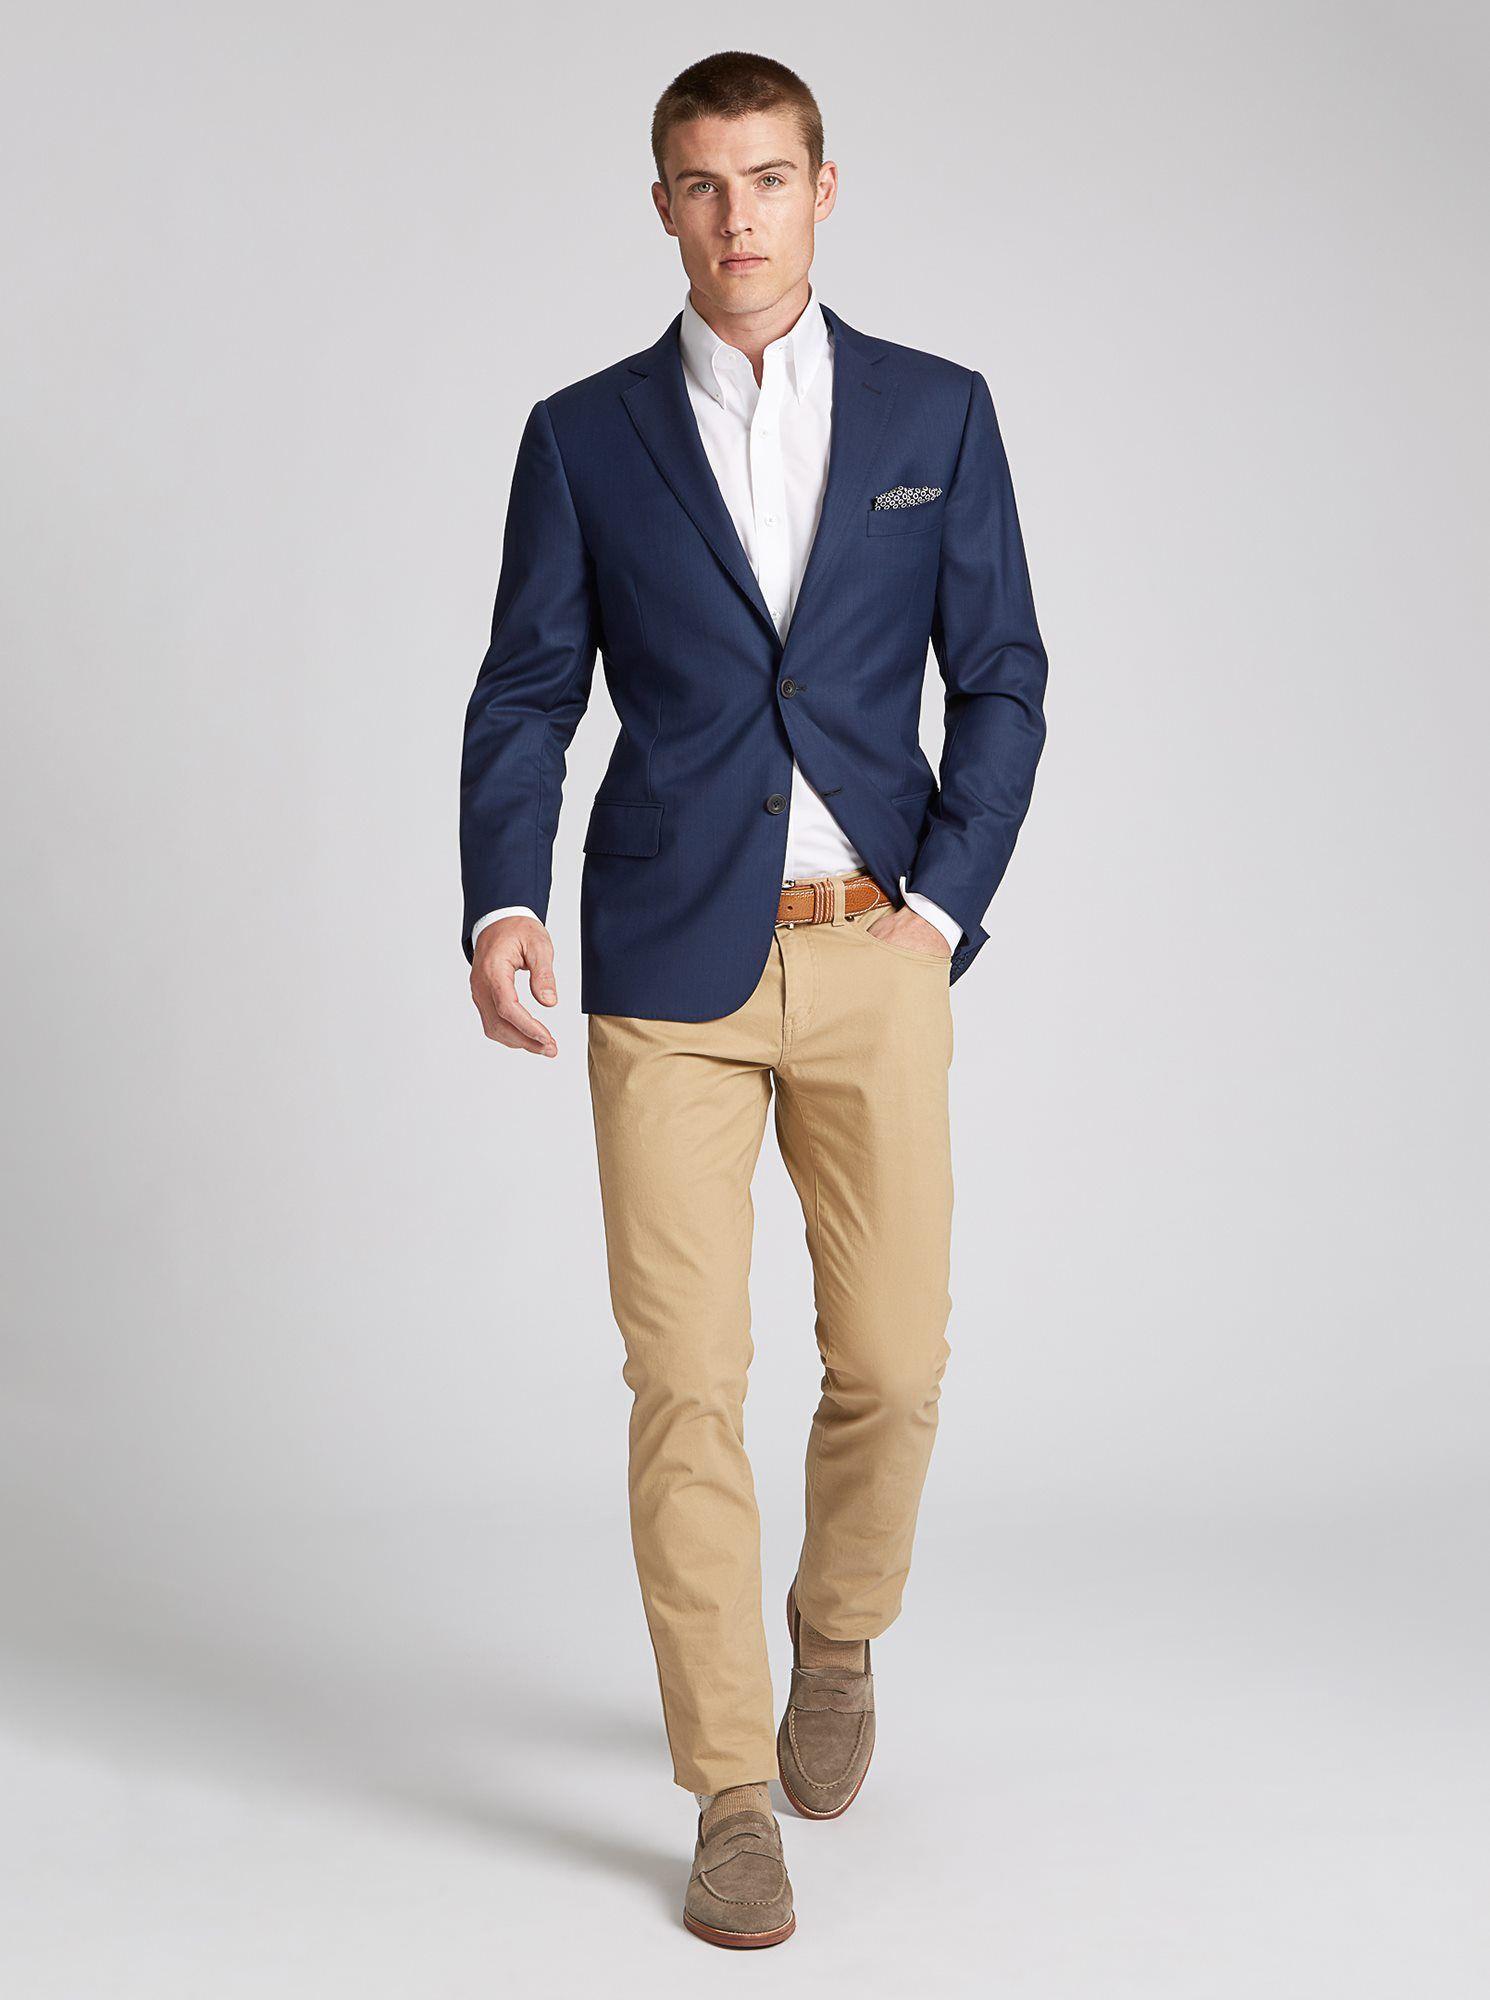 38 1 suit 4 ways  blue blazer outfit men smart casual